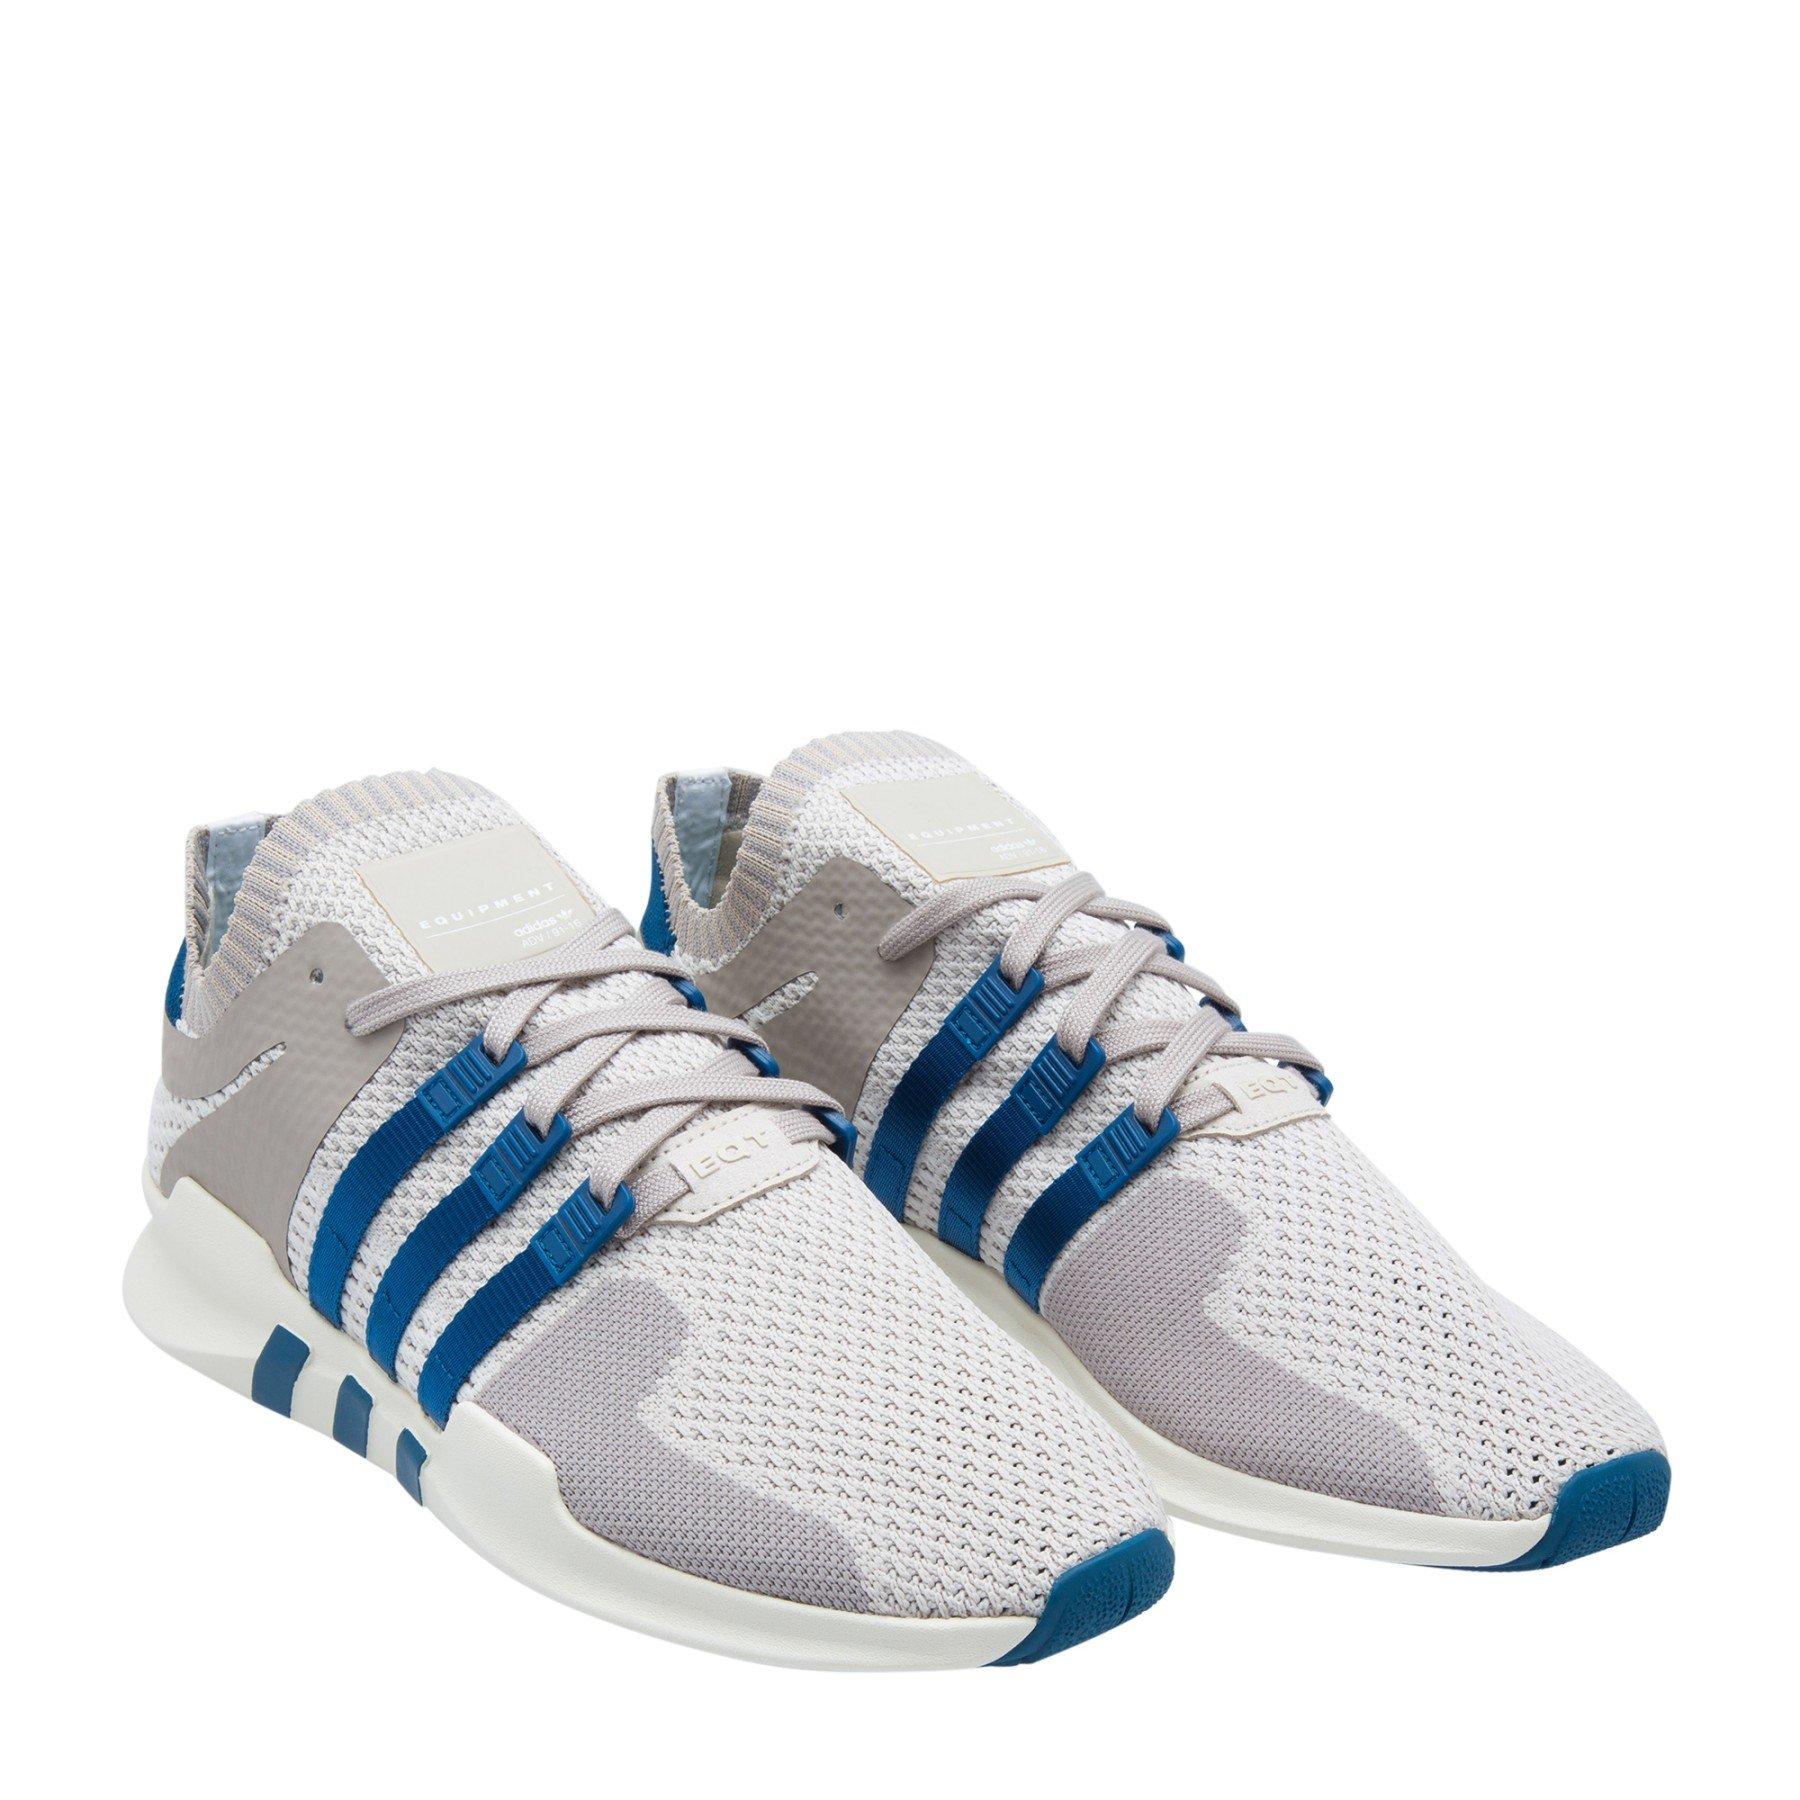 5d8e4a284821 Galleon - Adidas Originals EQT Support ADV PK Mens Running Trainers Sneakers  (UK 9 US 9.5 EU 43 1 3